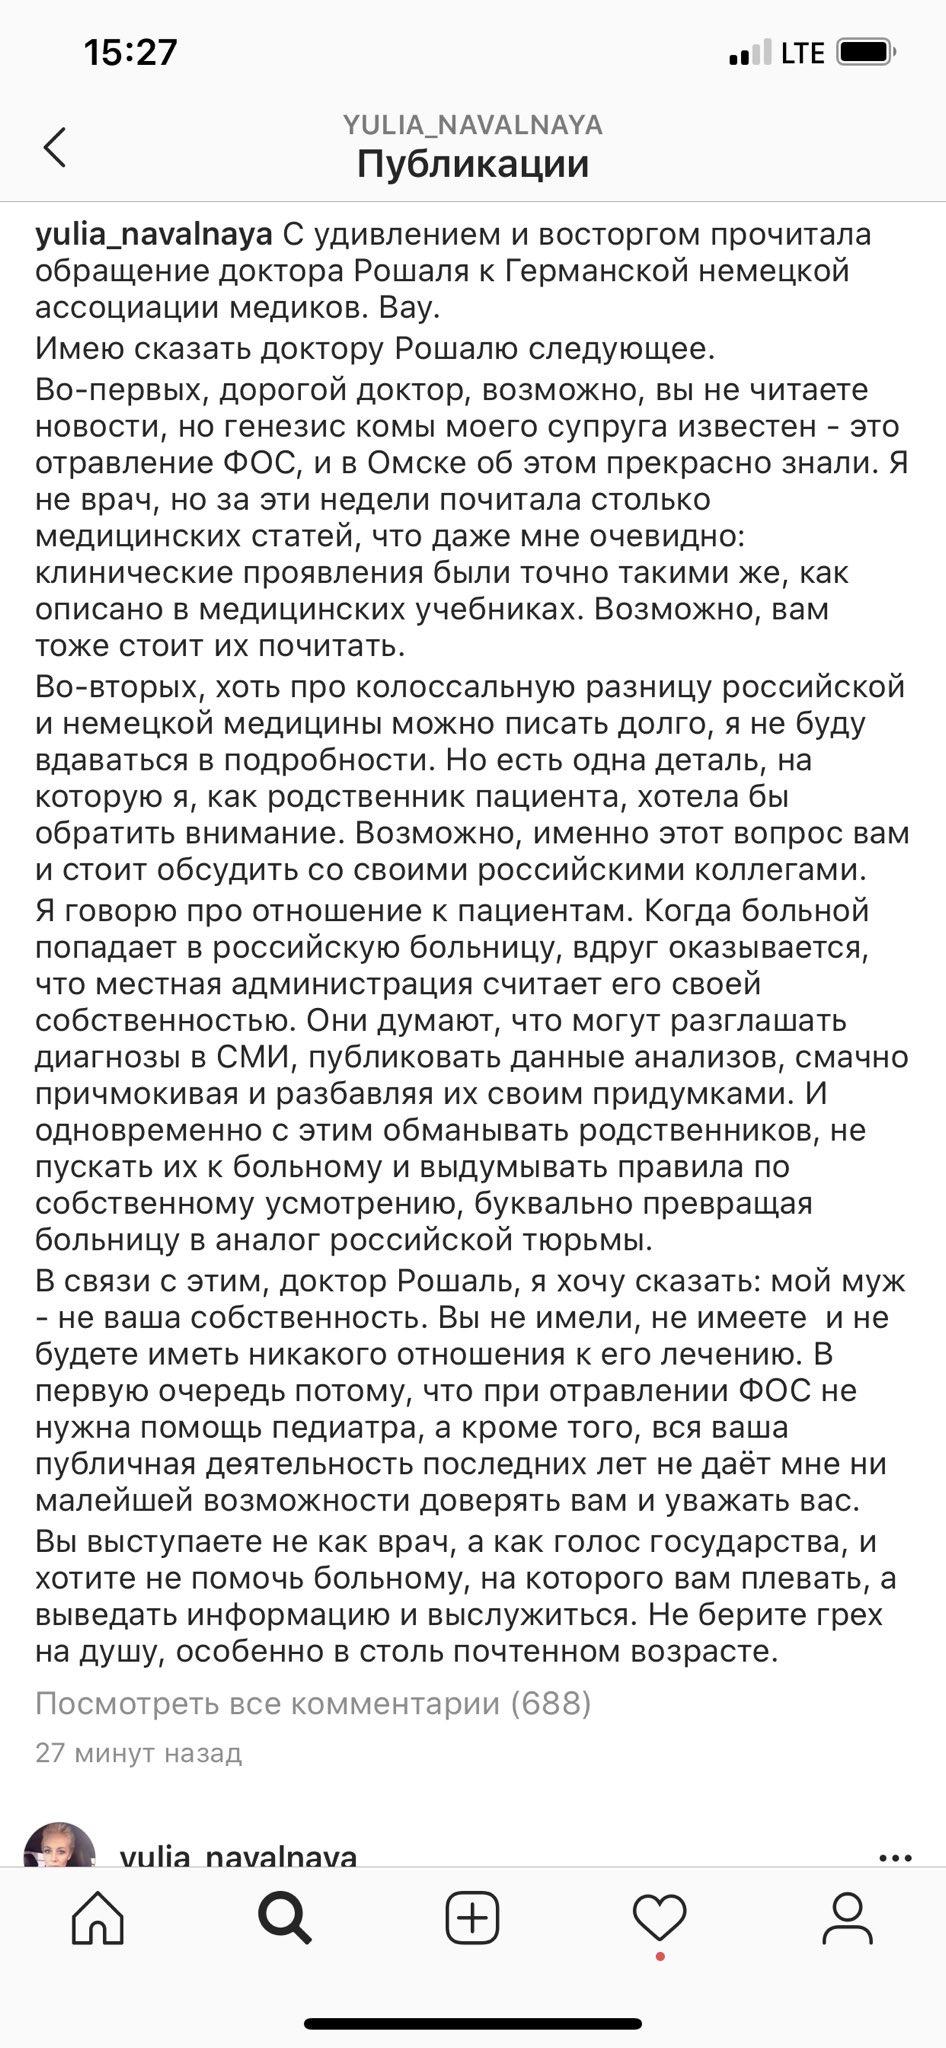 Инстаграмм Юлии Навальной.